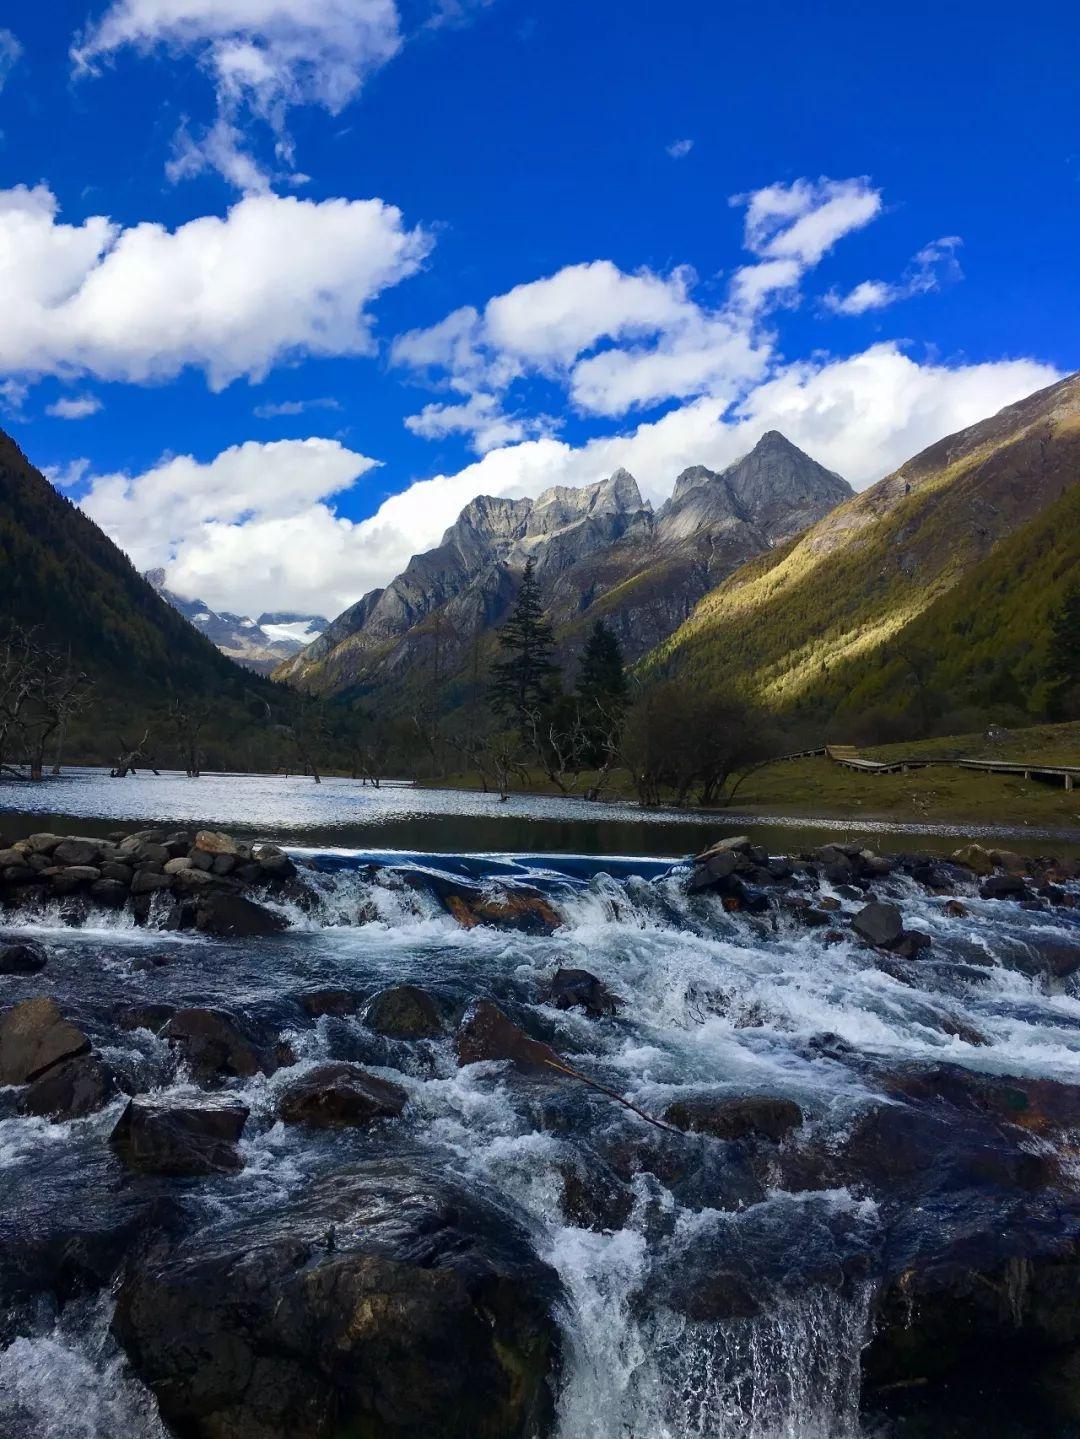 荒野求生 中国 贝爷中国荒野求生第一站私藏美景无数 被誉为上帝的后花园!